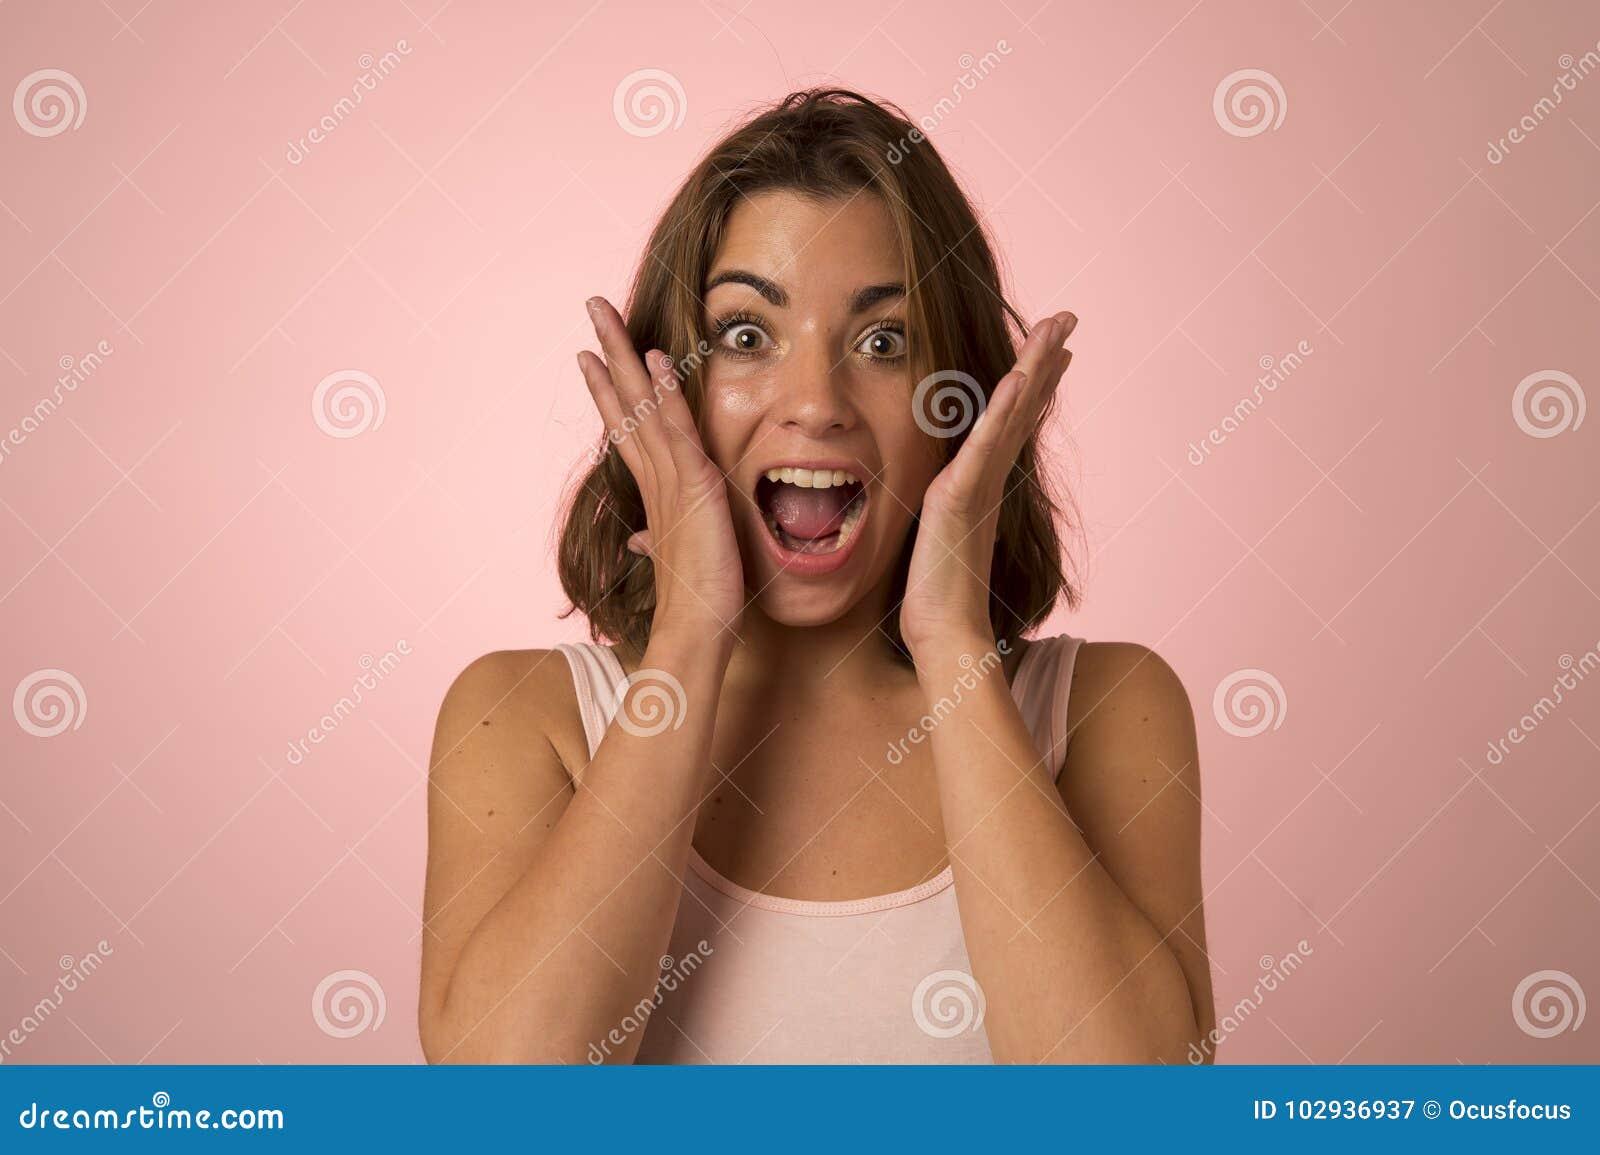 Sonrisa atractiva y hermosa joven de la mujer emocionada y feliz en choque agradable y la sorpresa que muestran la cara positiva